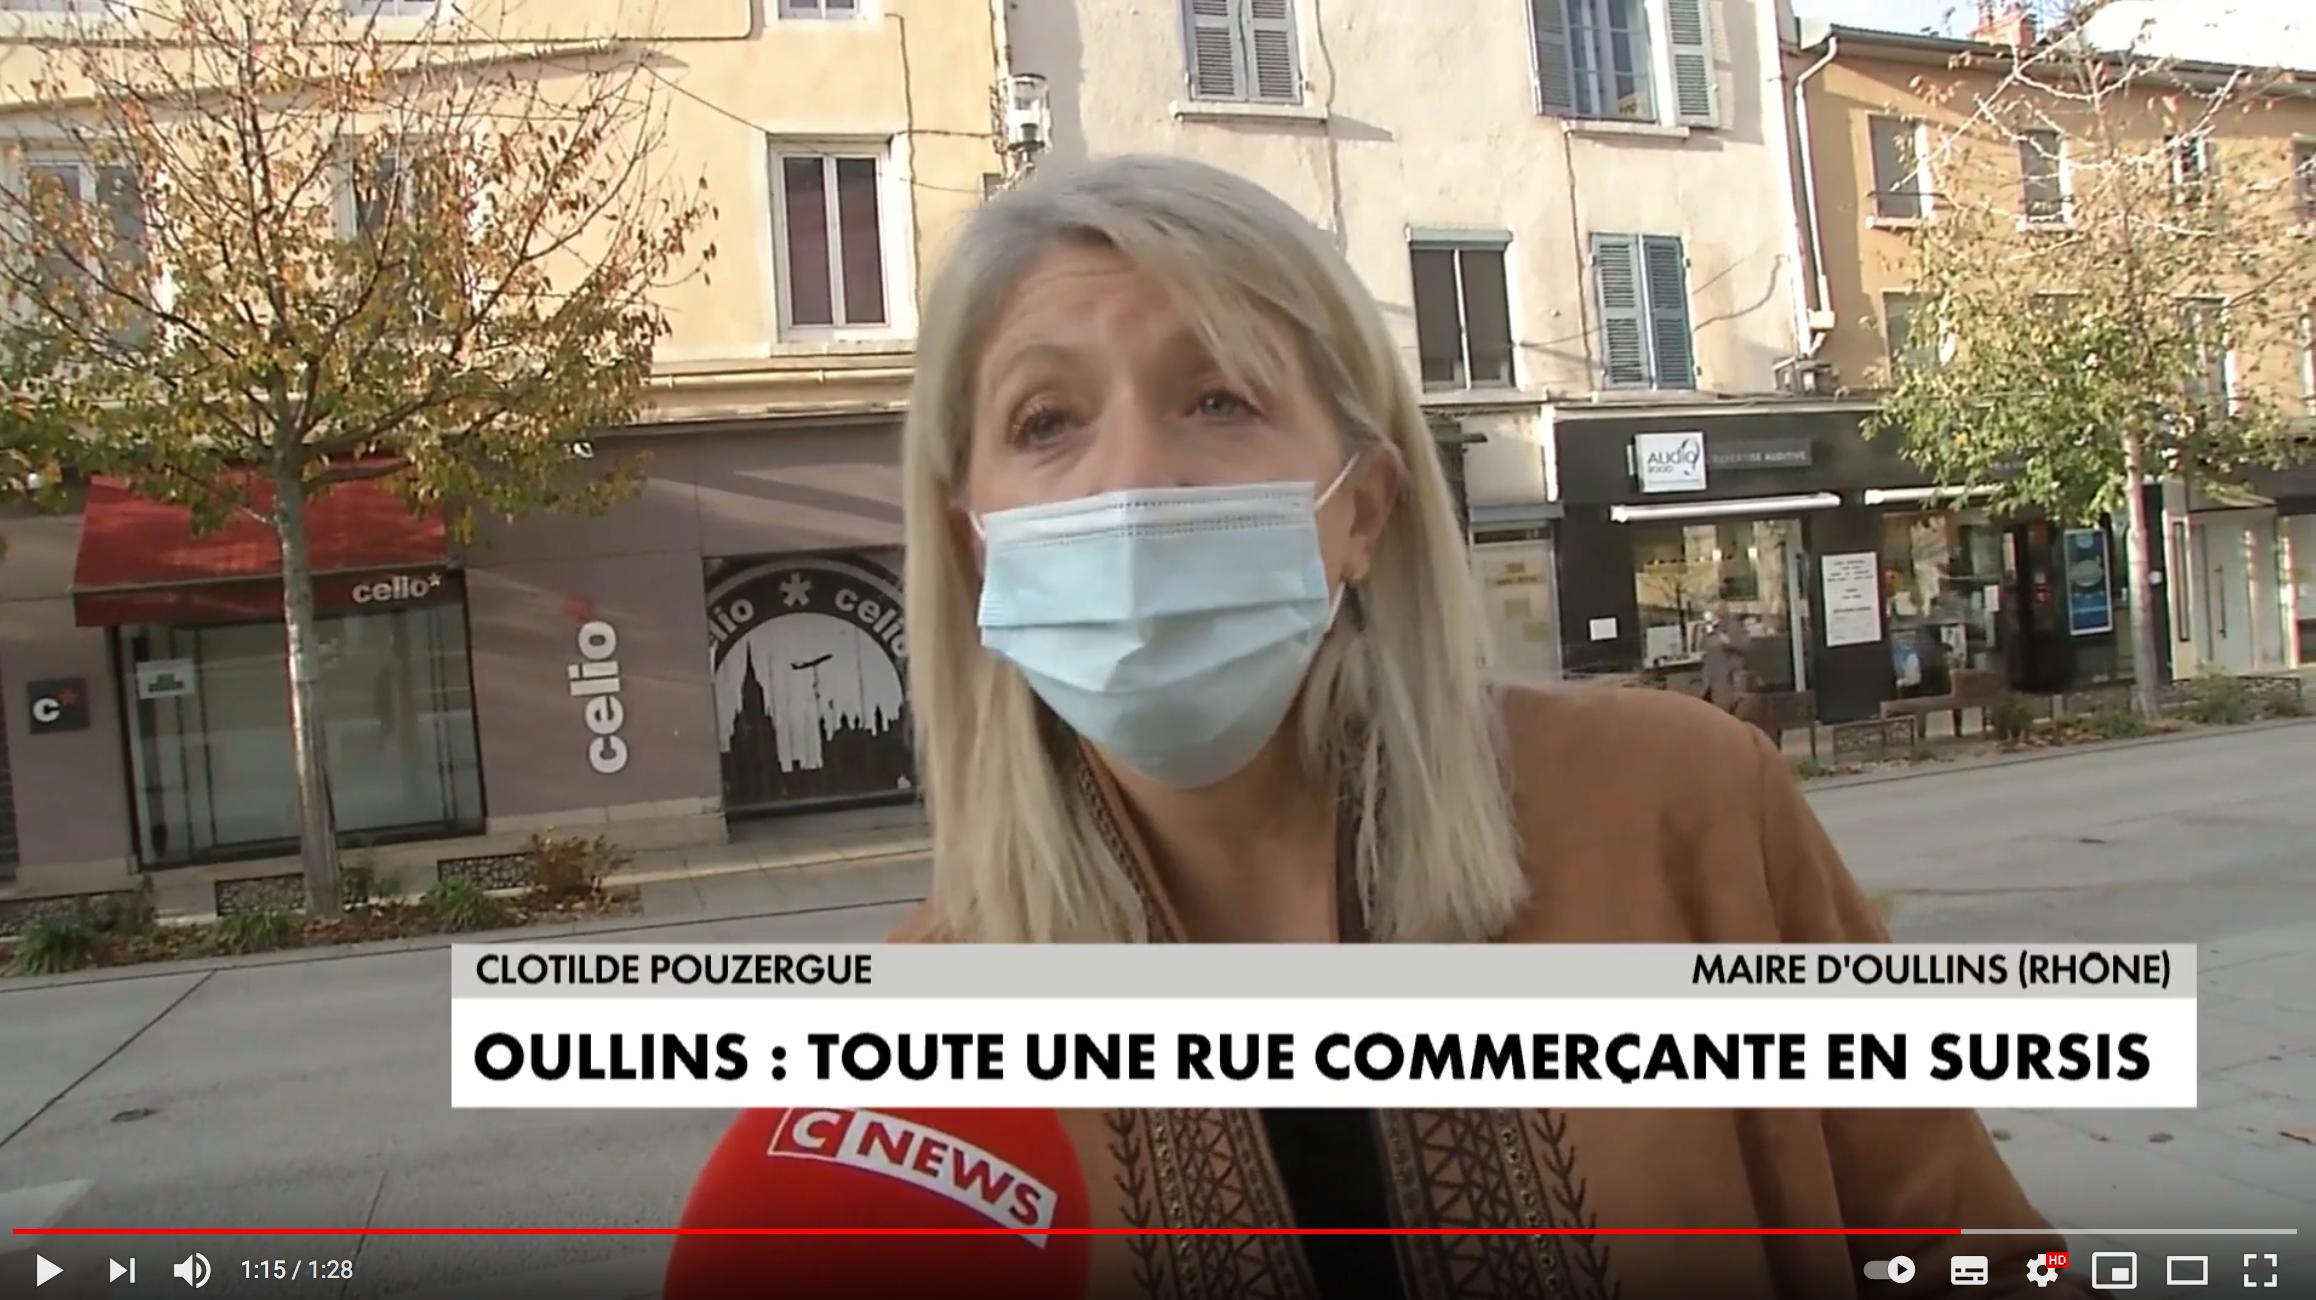 Oullins : toute une rue commerçante en sursis (REPORTAGE)